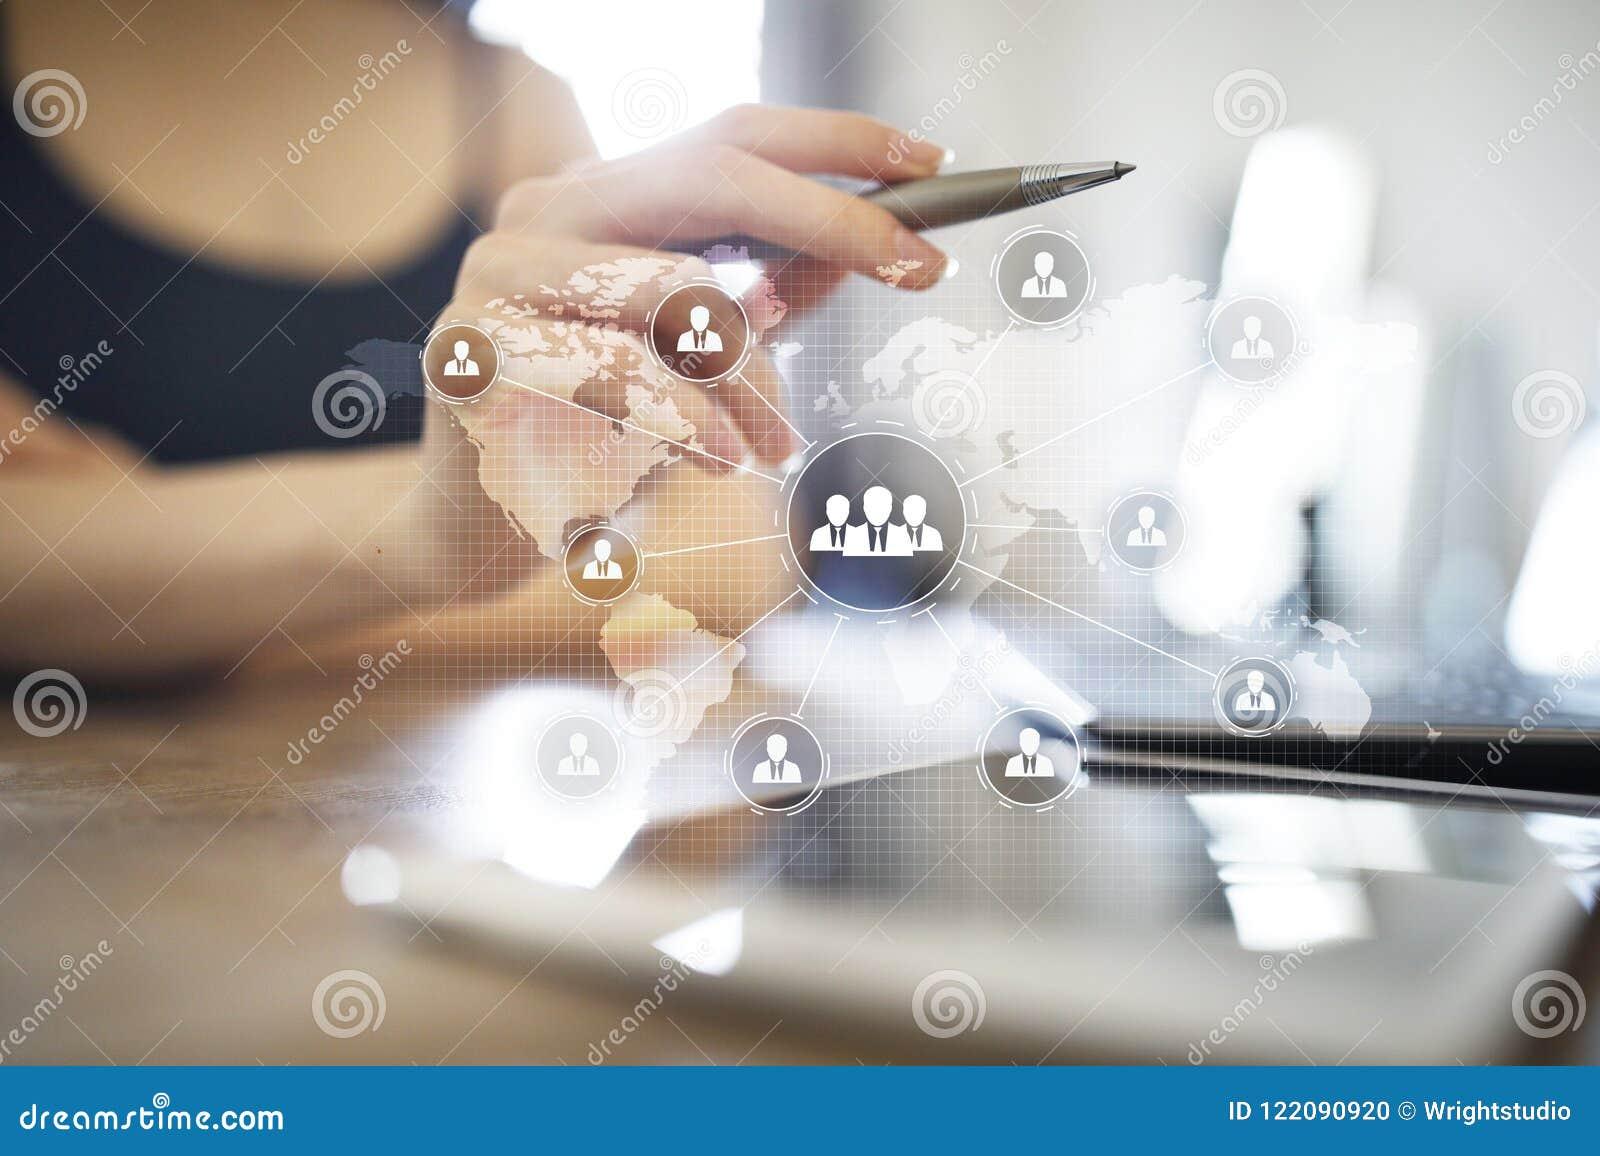 Организационная структура людей Hr Человеческие ресурсы и рекрутство Сообщение, технология интернета владение домашнего ключа при